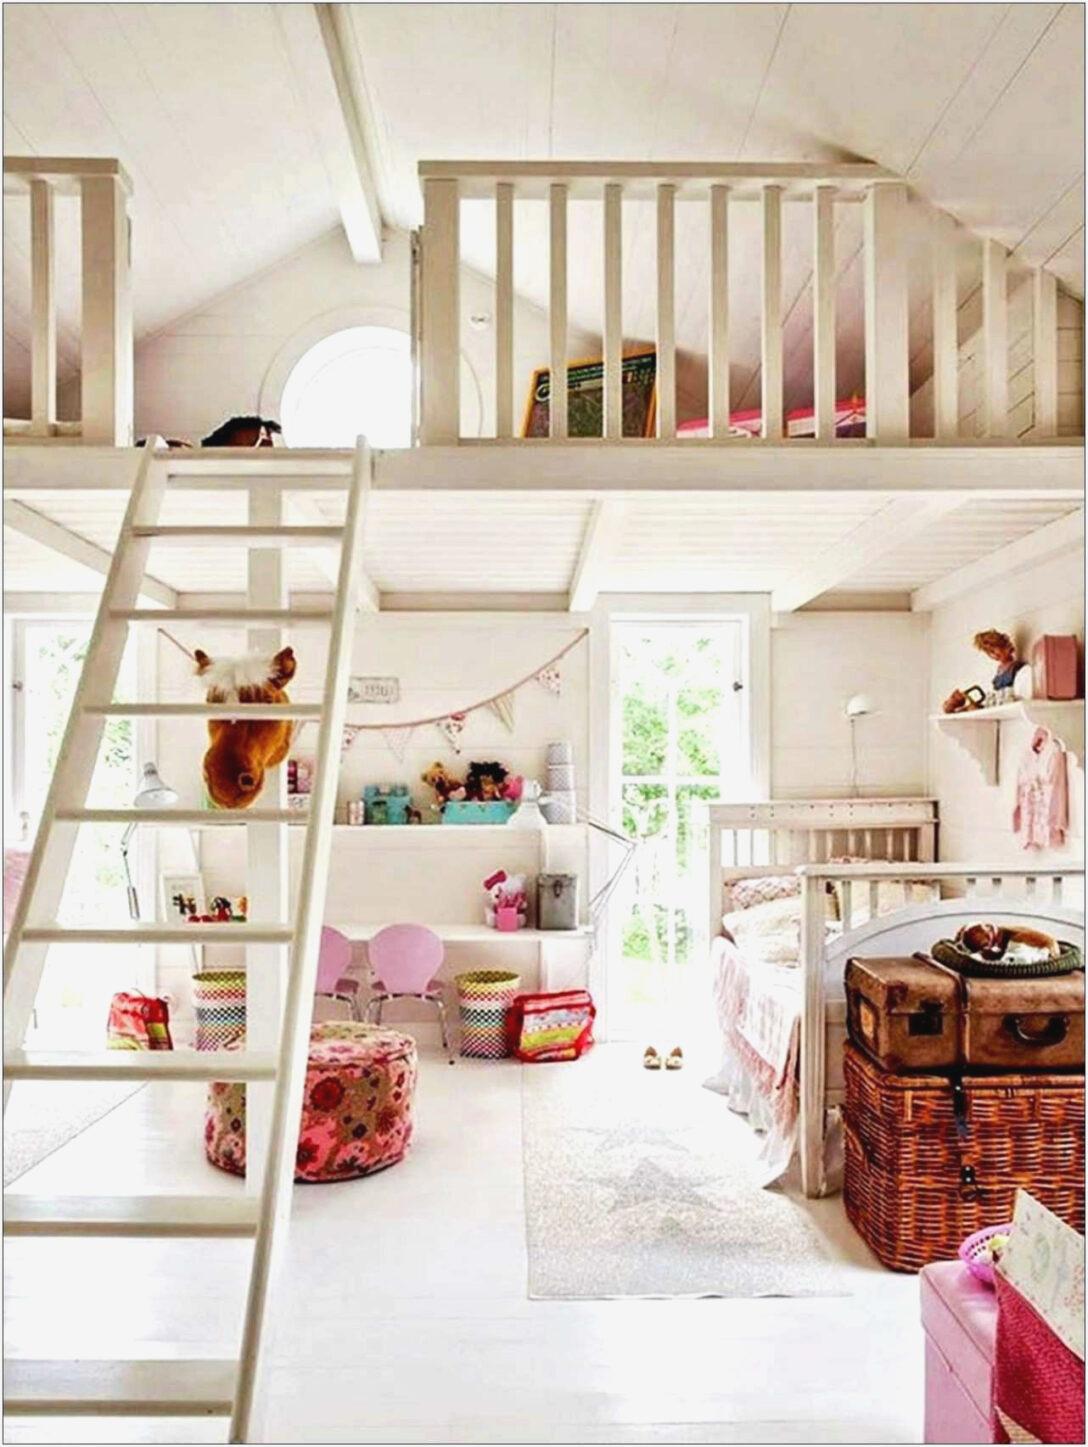 Large Size of Wandsticker Kinderzimmer Jungen Junge Tapete 6 Jahre Traumhaus Regal Sofa Weiß Regale Küche Kinderzimmer Wandsticker Kinderzimmer Junge